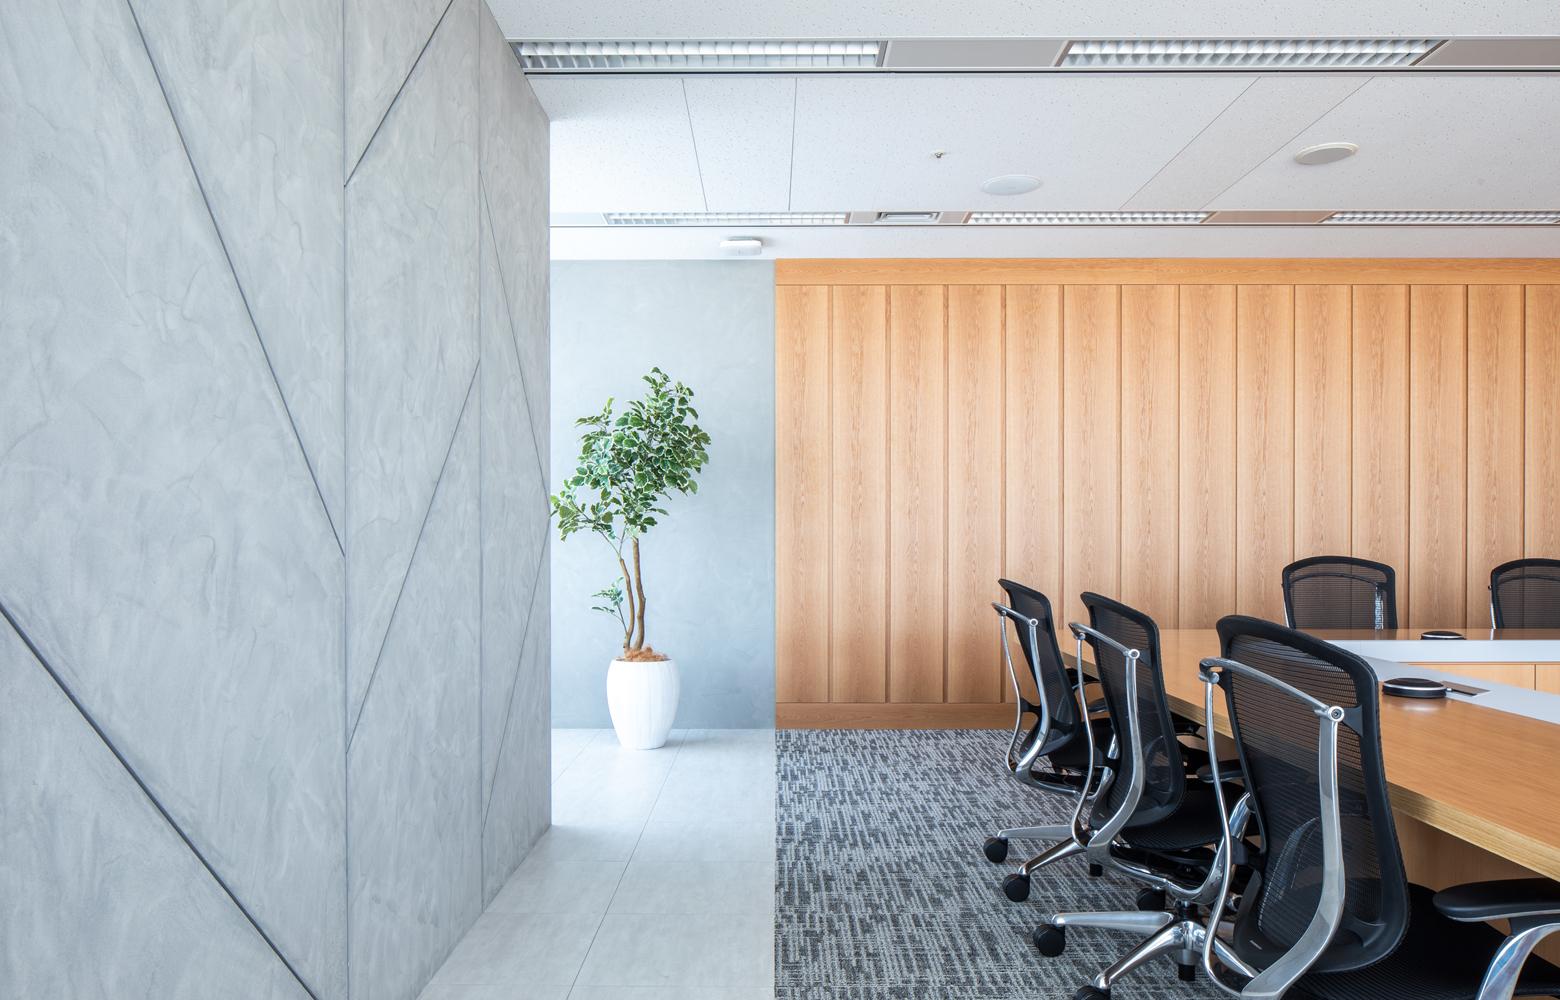 株式会社NTTデータMSE Shinyokohama Office Meeting Room_3 デザイン・レイアウト事例